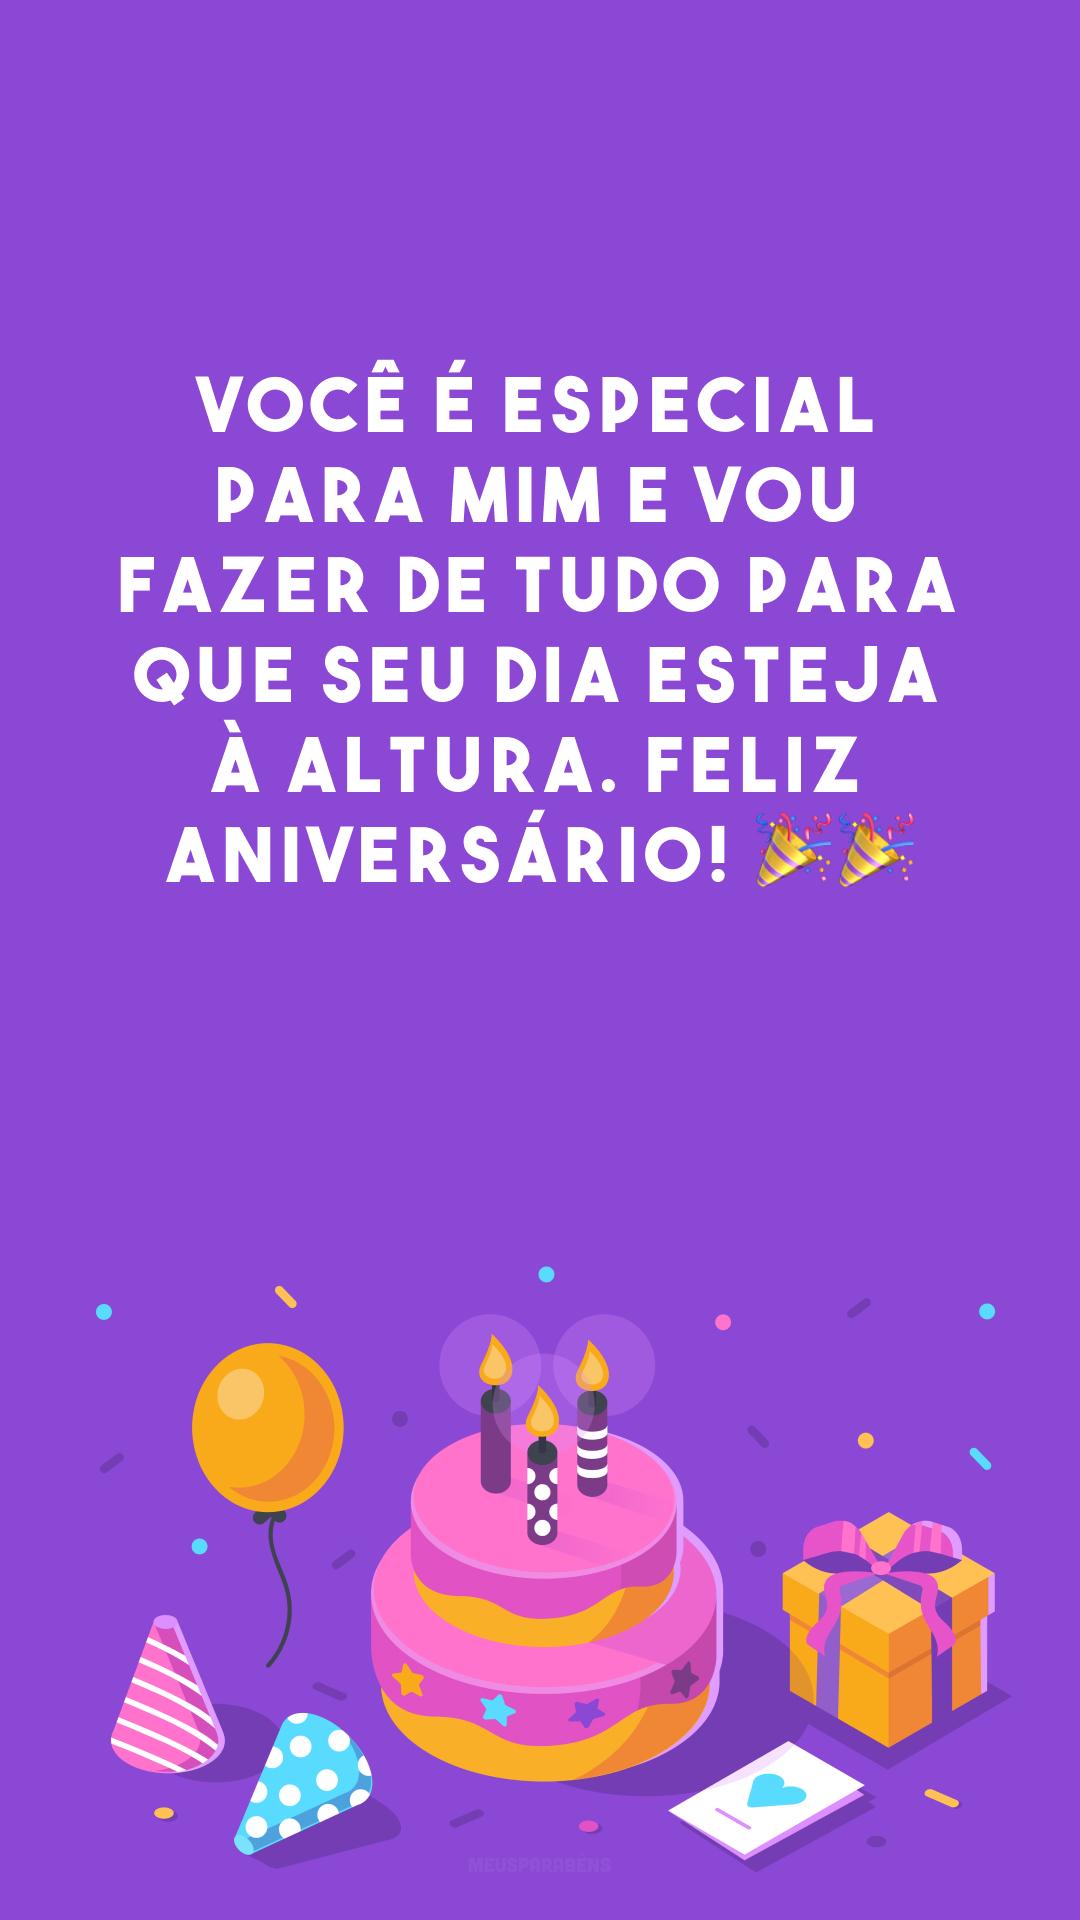 Você é especial para mim e vou fazer de tudo para que seu dia esteja à altura. Feliz aniversário! 🎉🎉